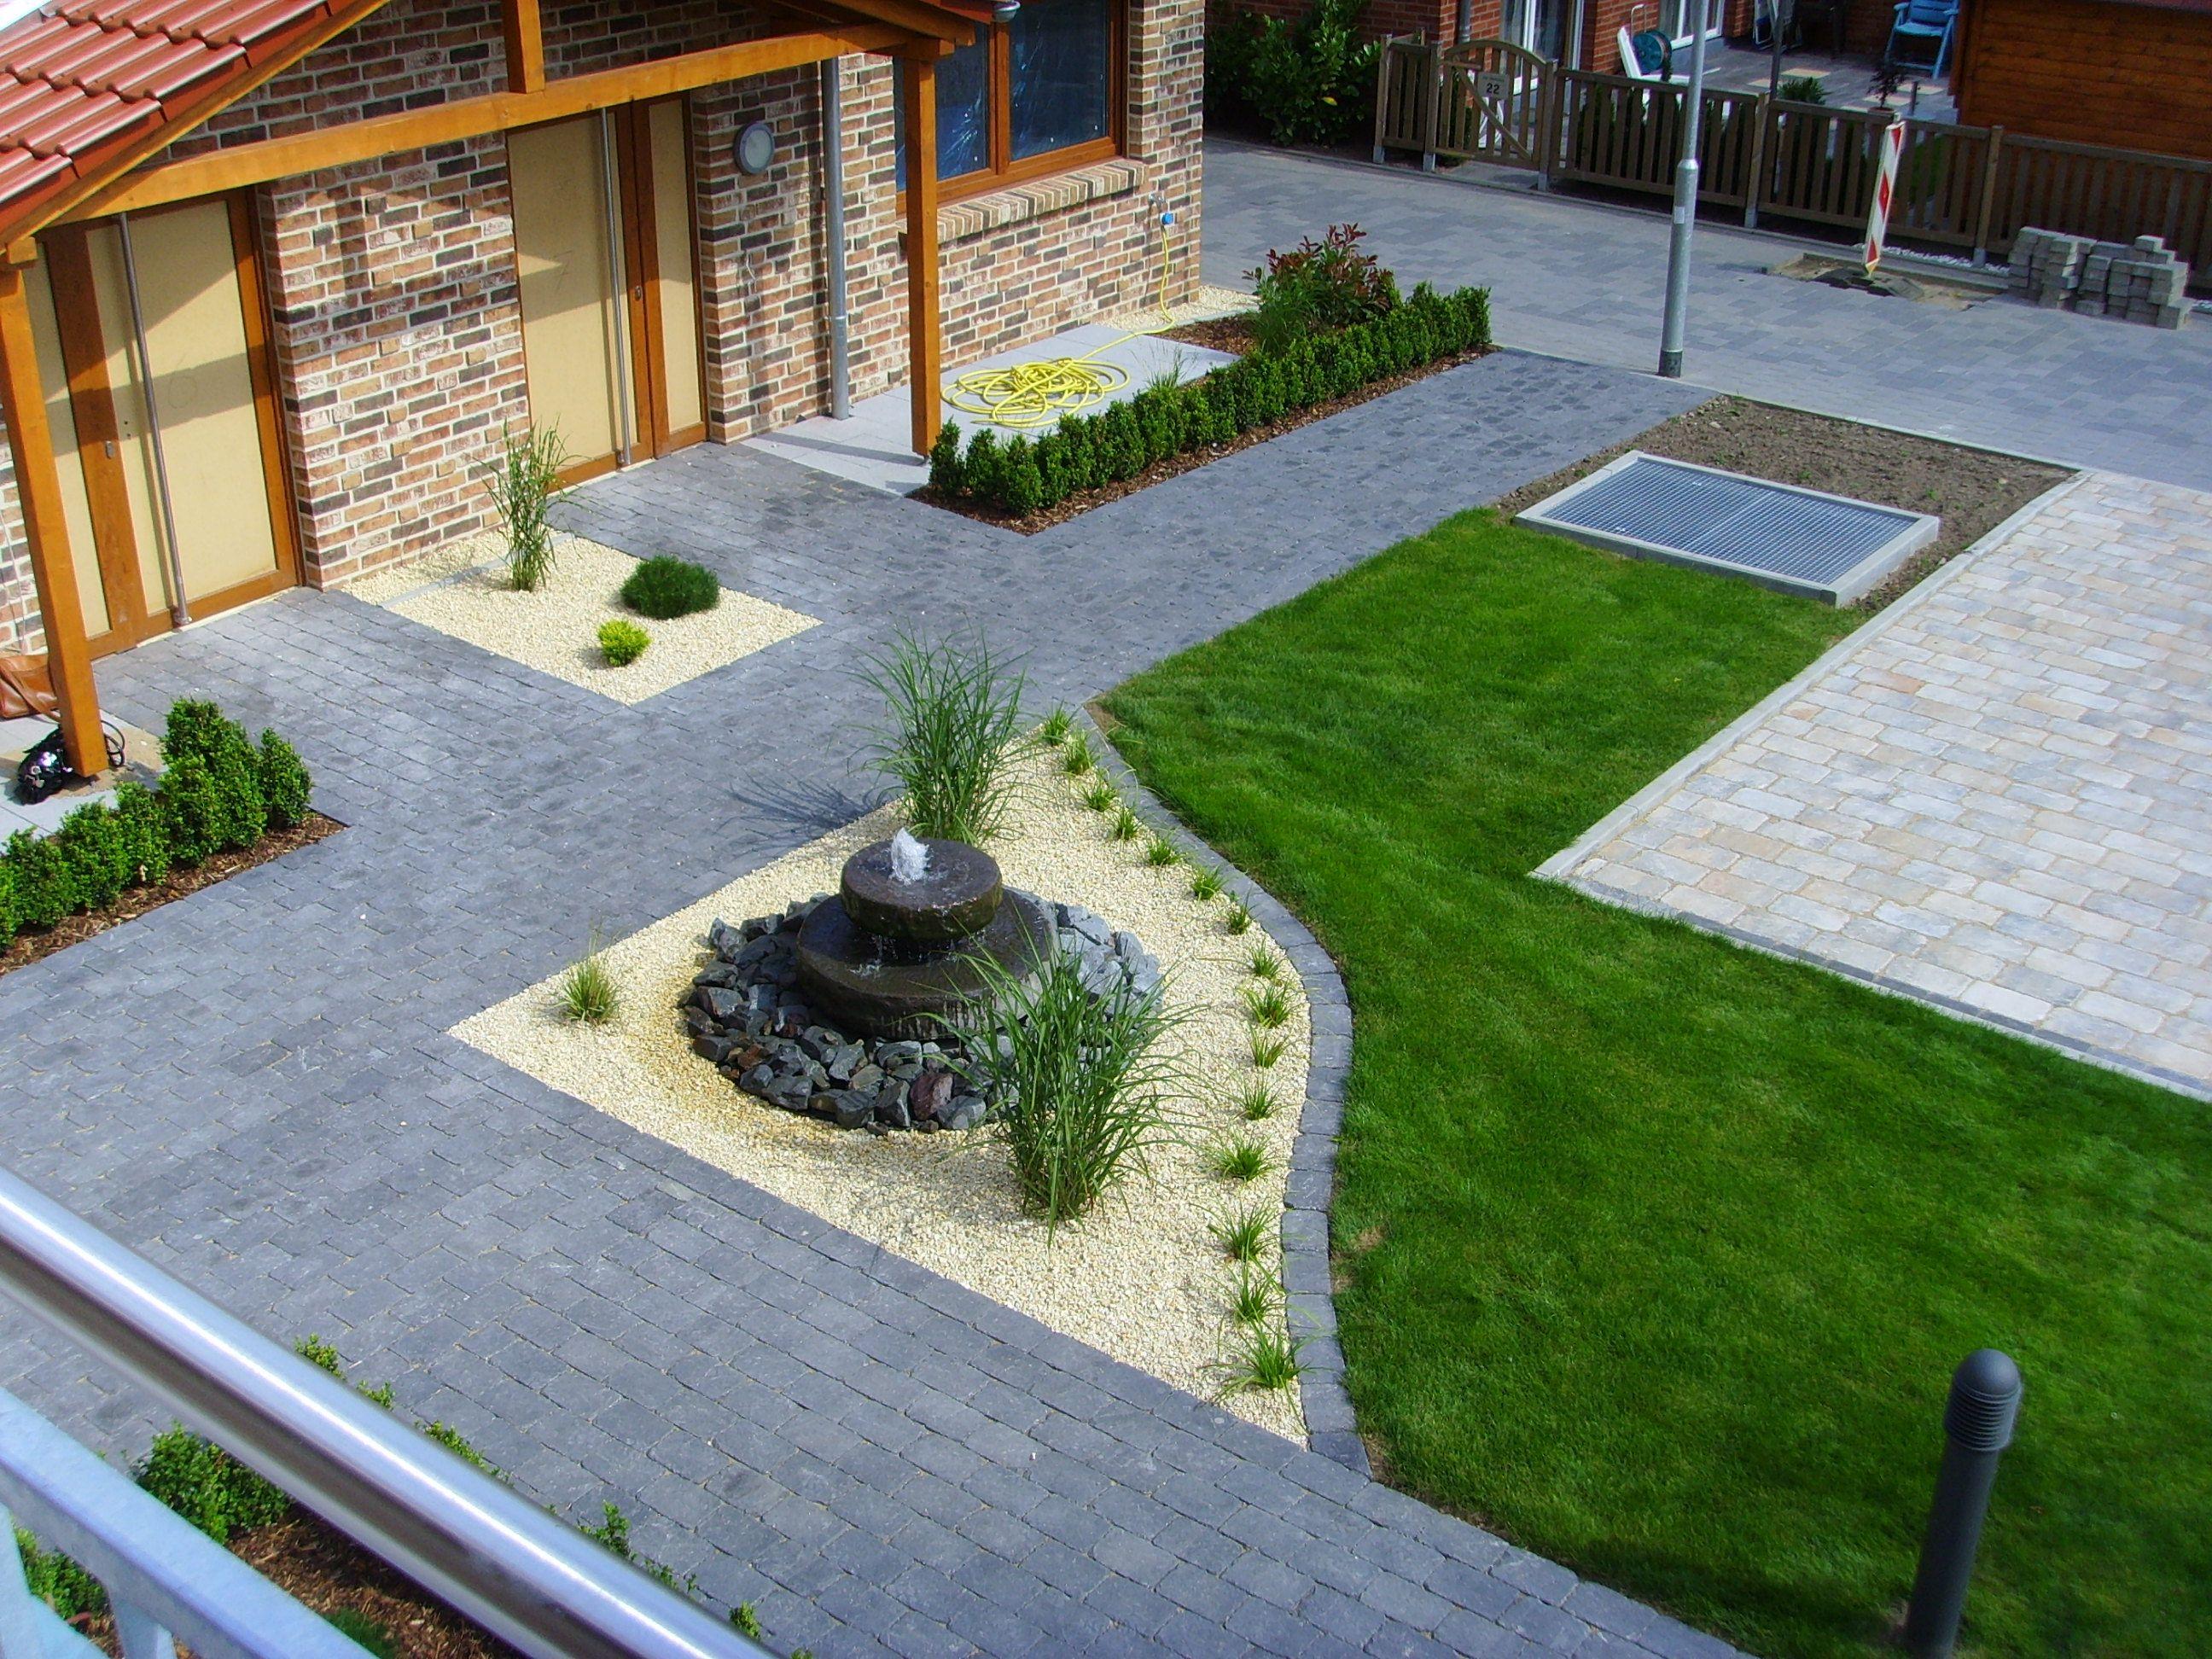 pin von steffi l auf landschaftsdesign pinterest landschaft design und landschaftsdesign. Black Bedroom Furniture Sets. Home Design Ideas